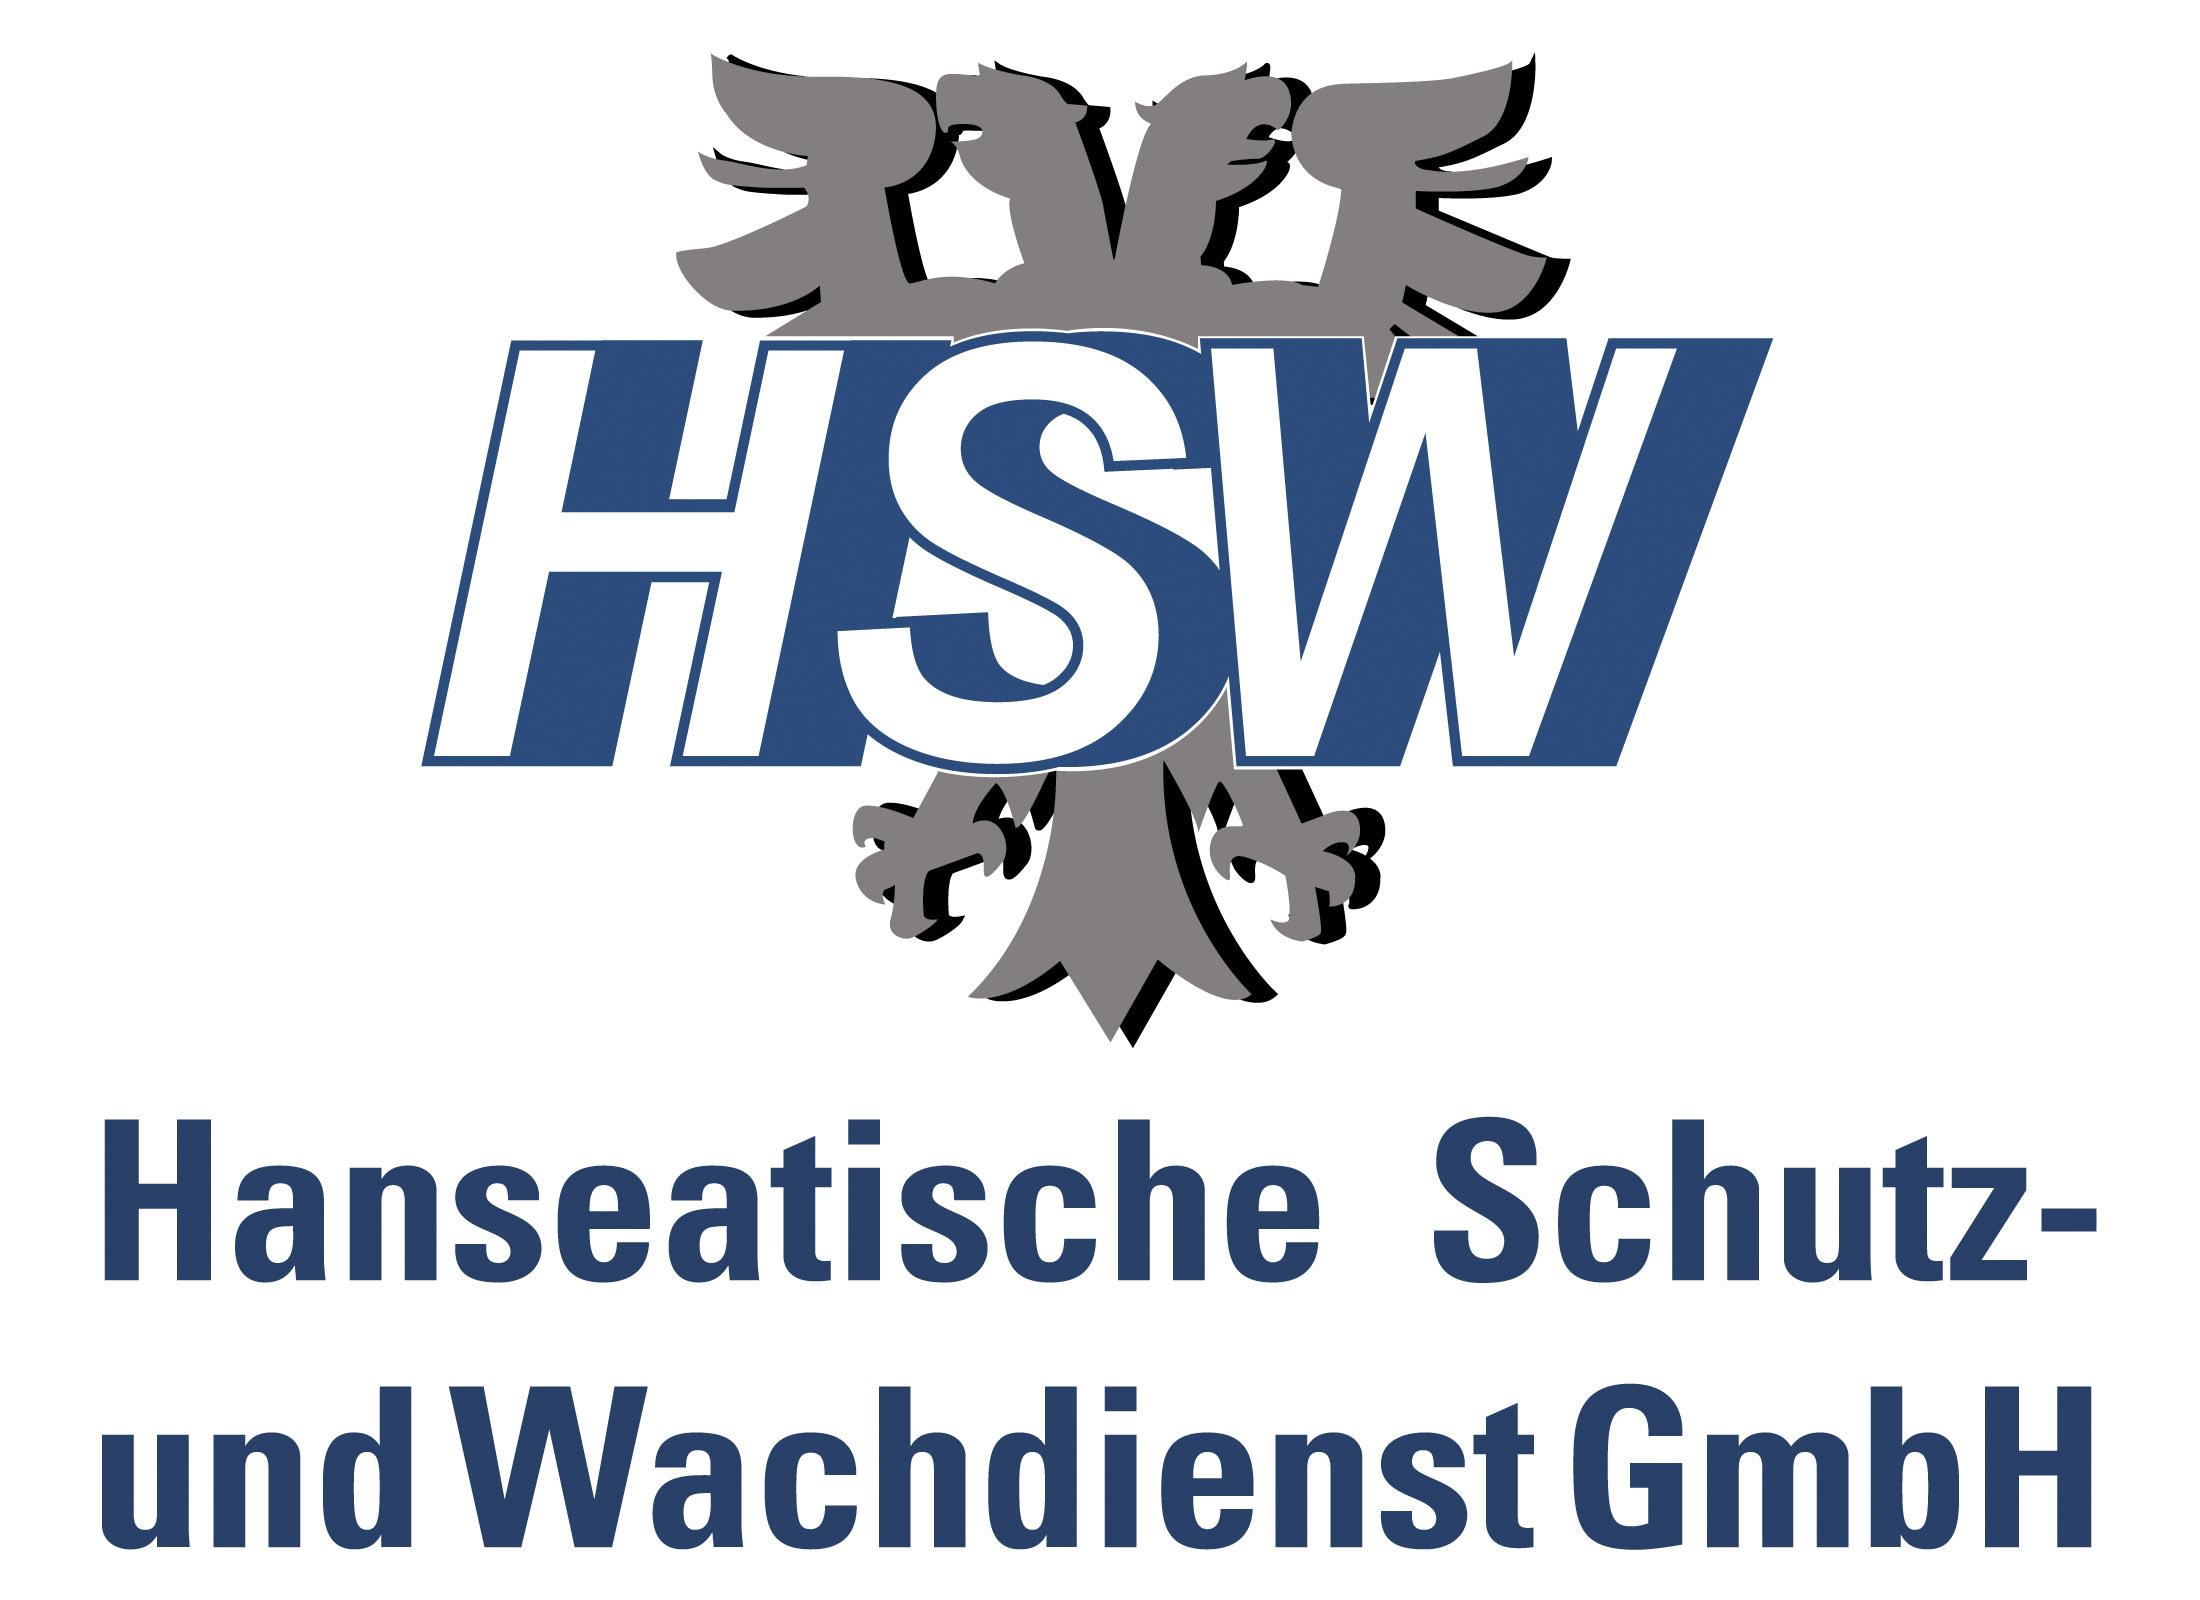 logo_hsw_300dpi